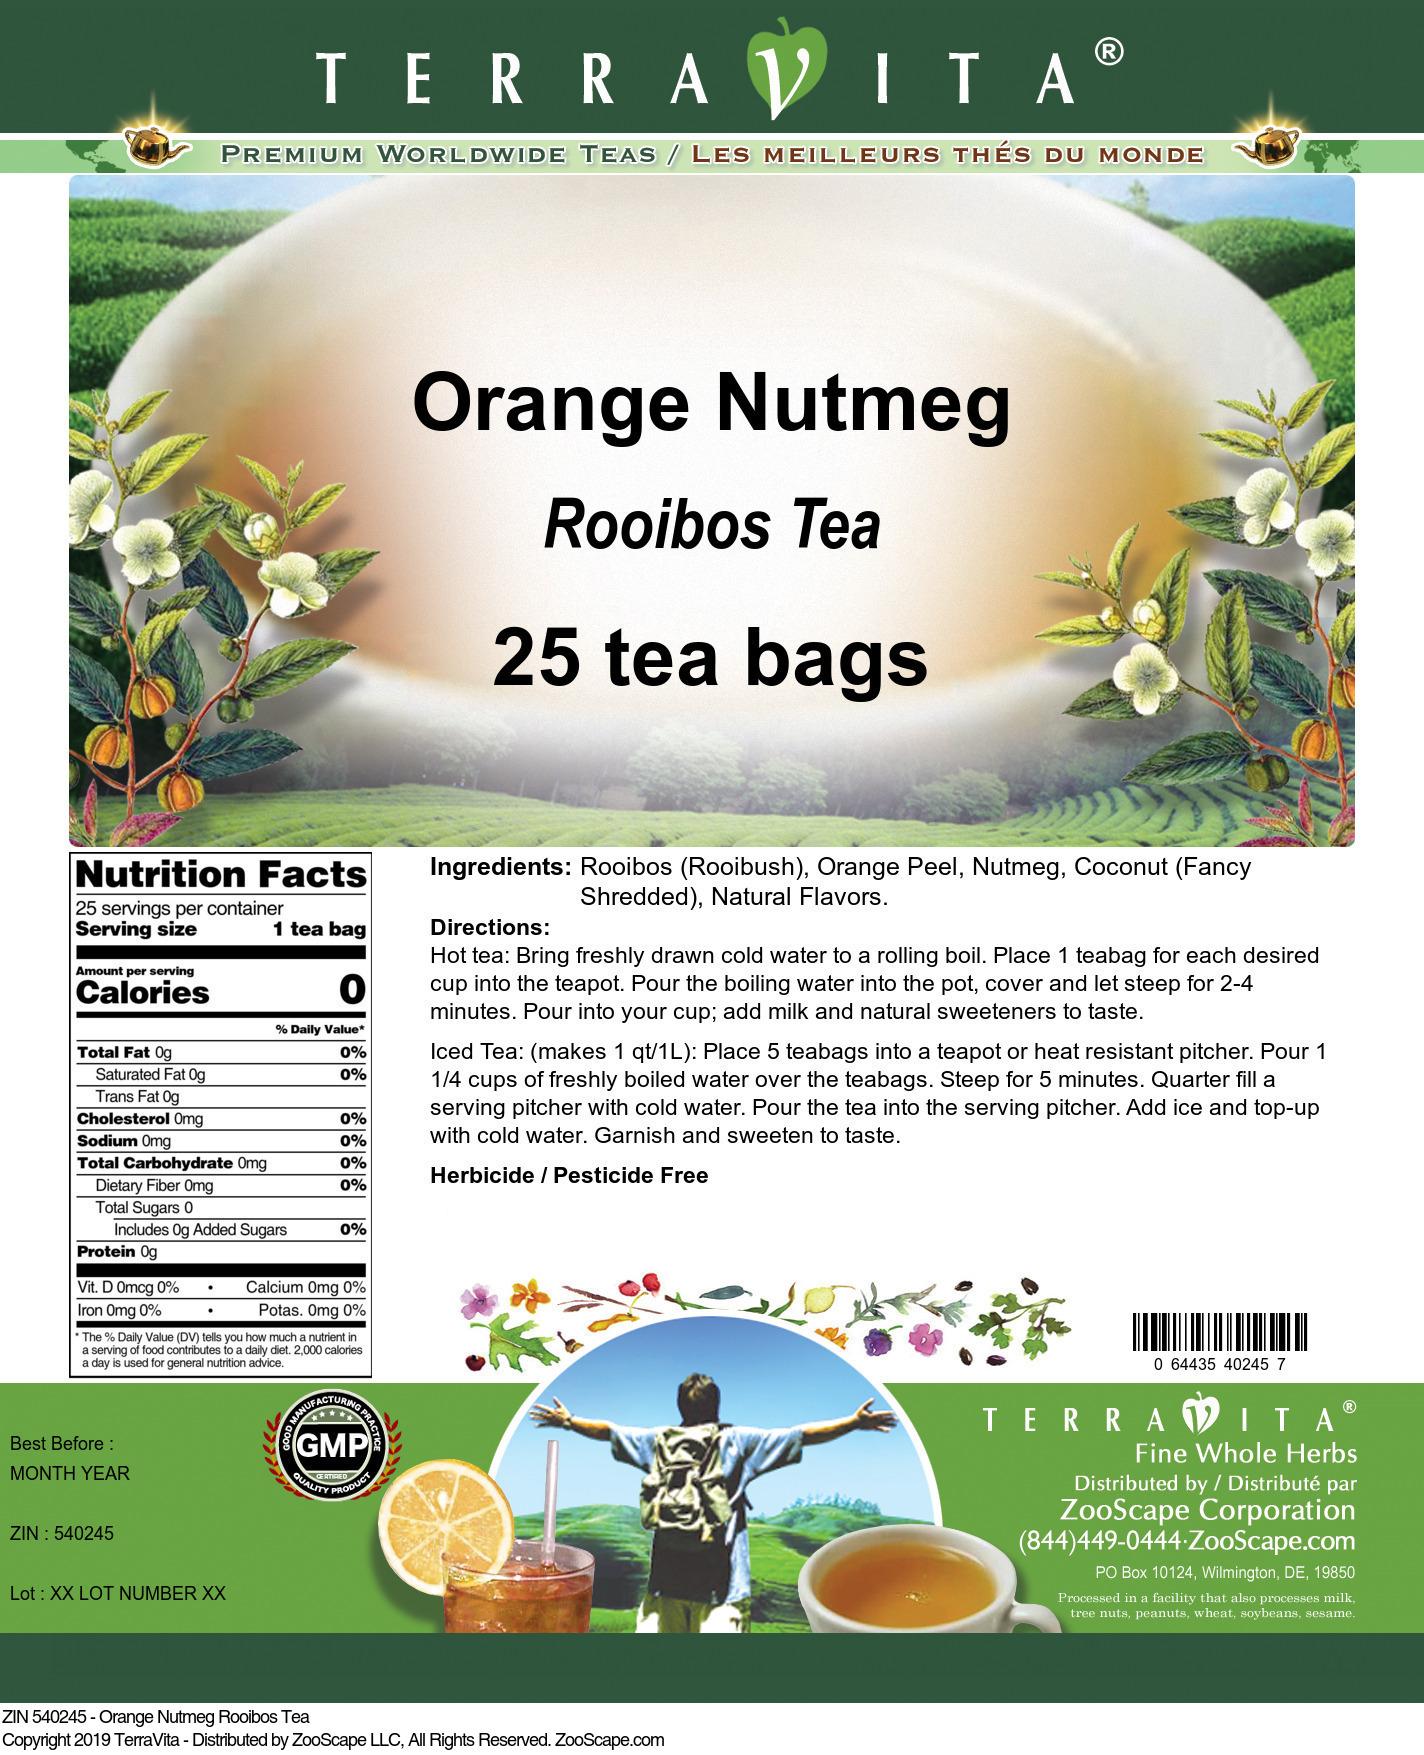 Orange Nutmeg Rooibos Tea